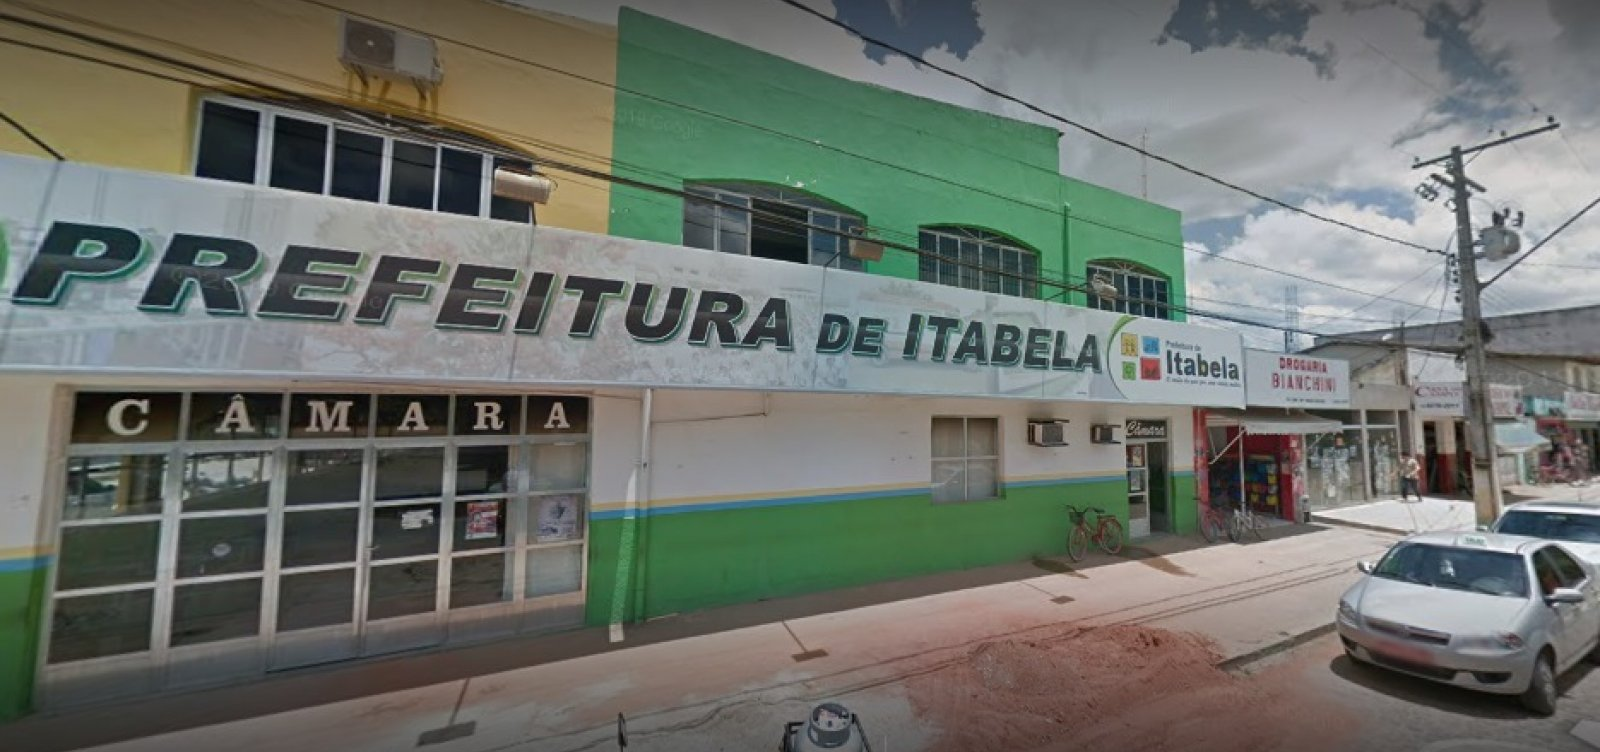 Itabela: Prefeito tem contas rejeitadas após gastar mais de R$ 1 milhão em combustíveis